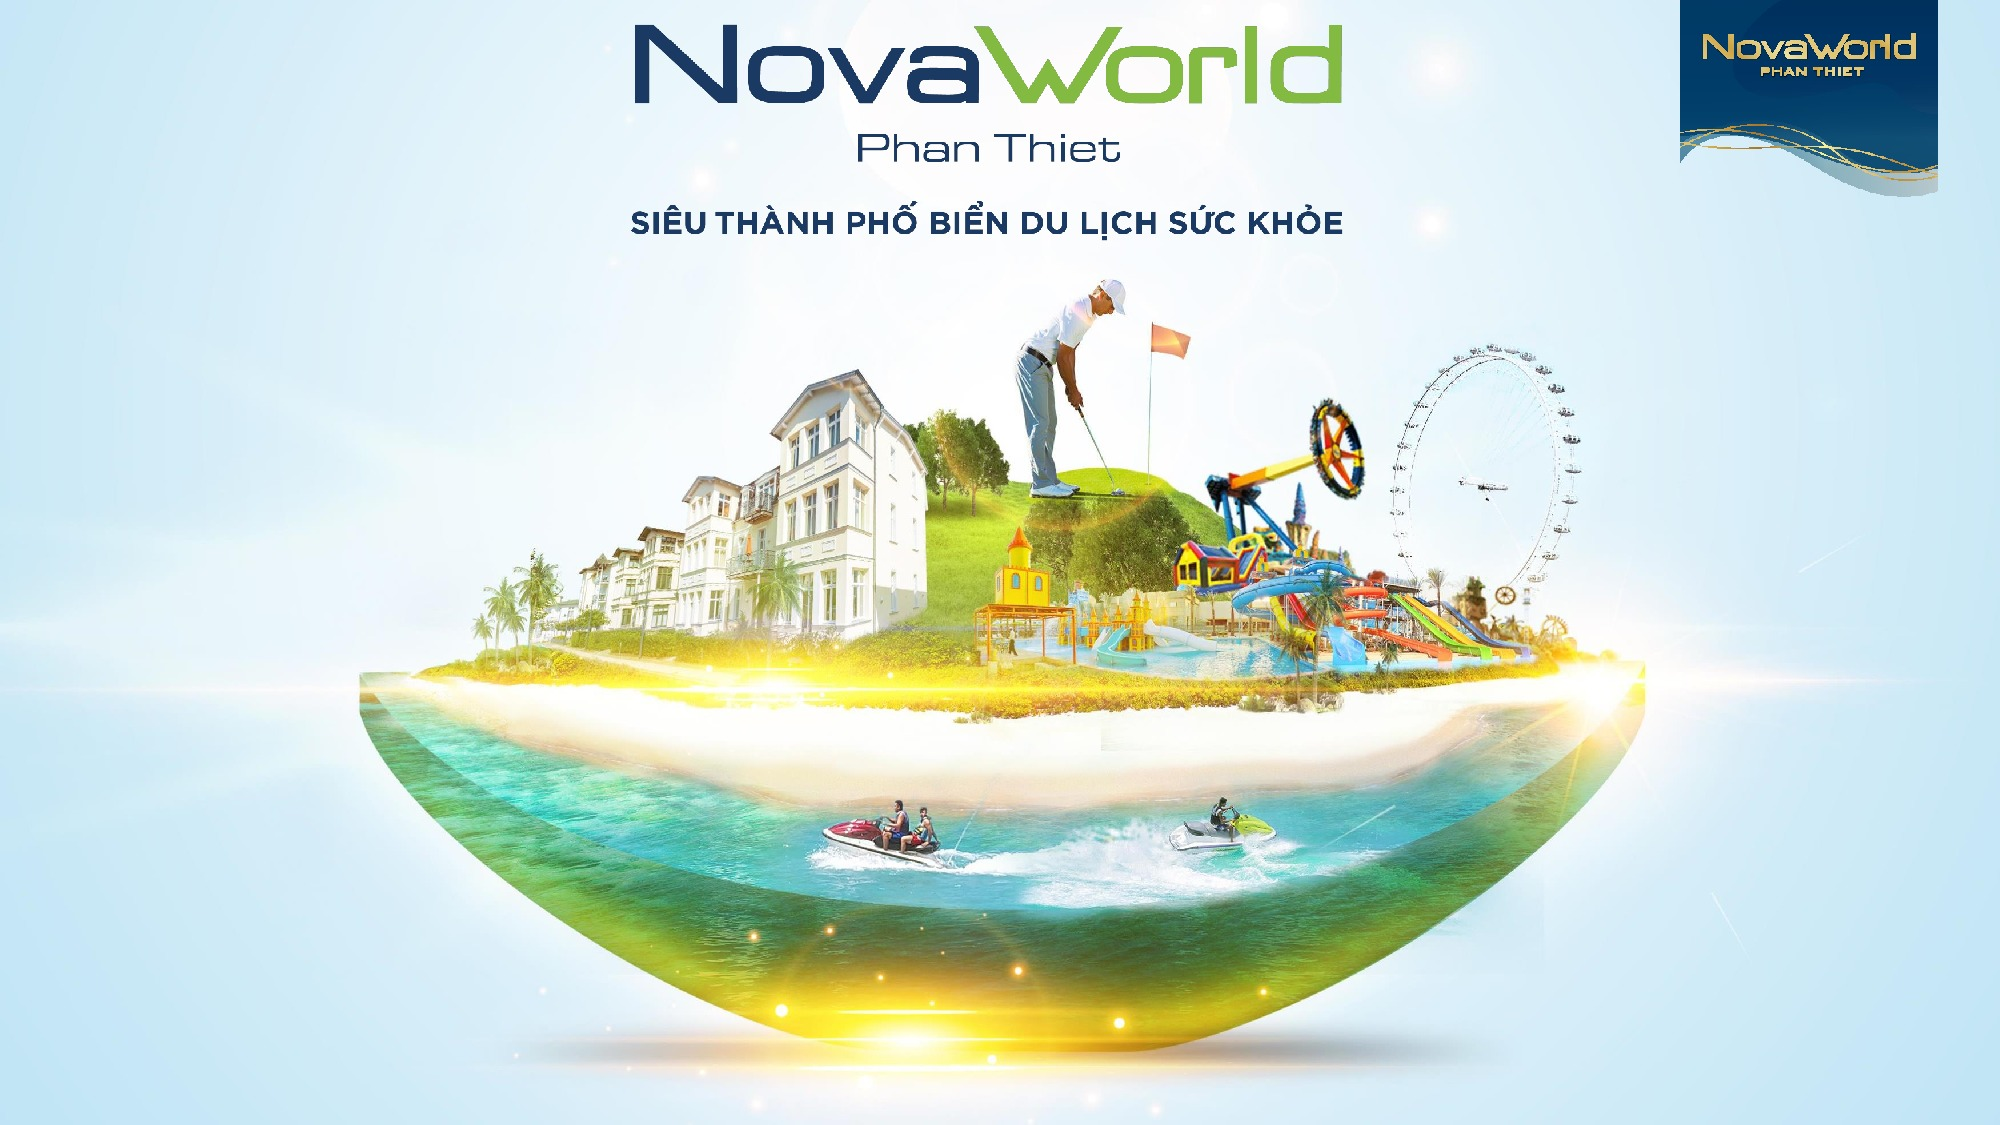 Phối cảnh tổng thể siêu dự án biển Novaworld Phan Thiết